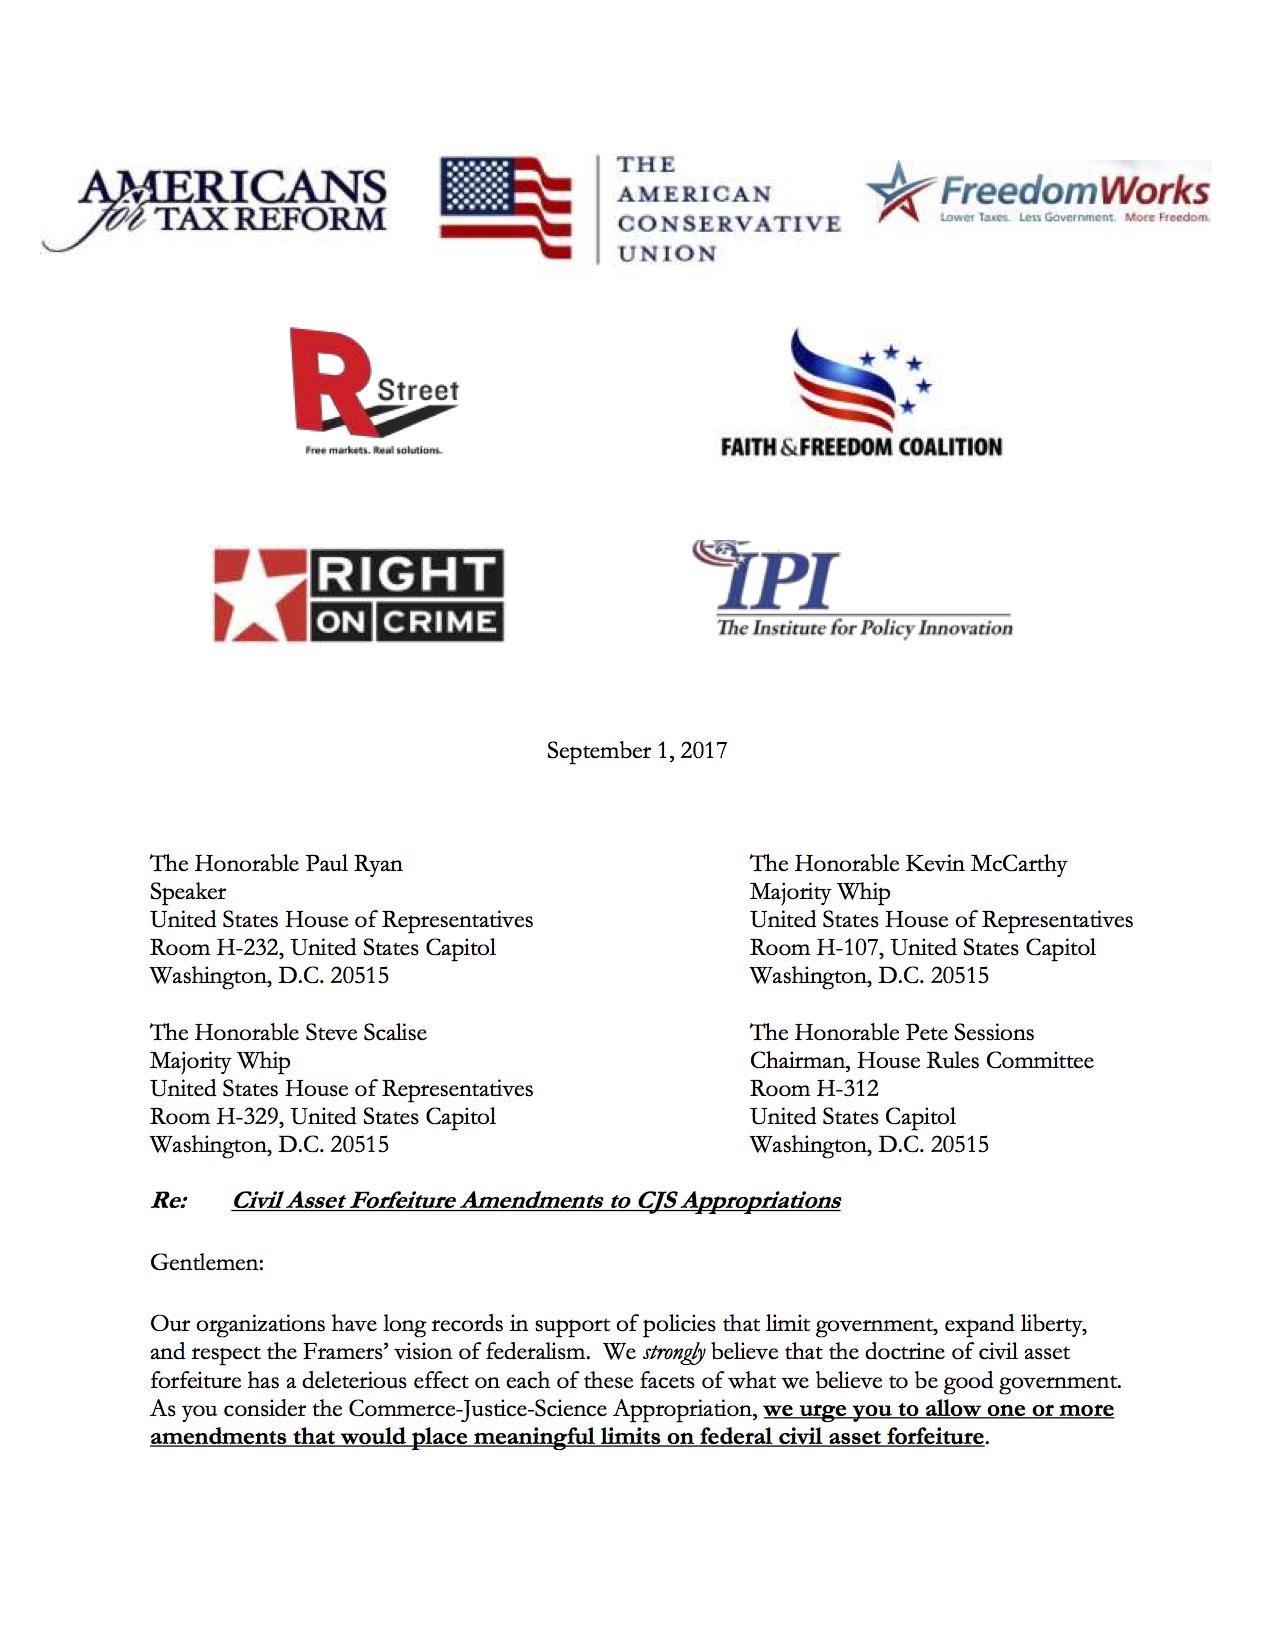 Asset_Forfeiture_CJS_Letter_1.jpg